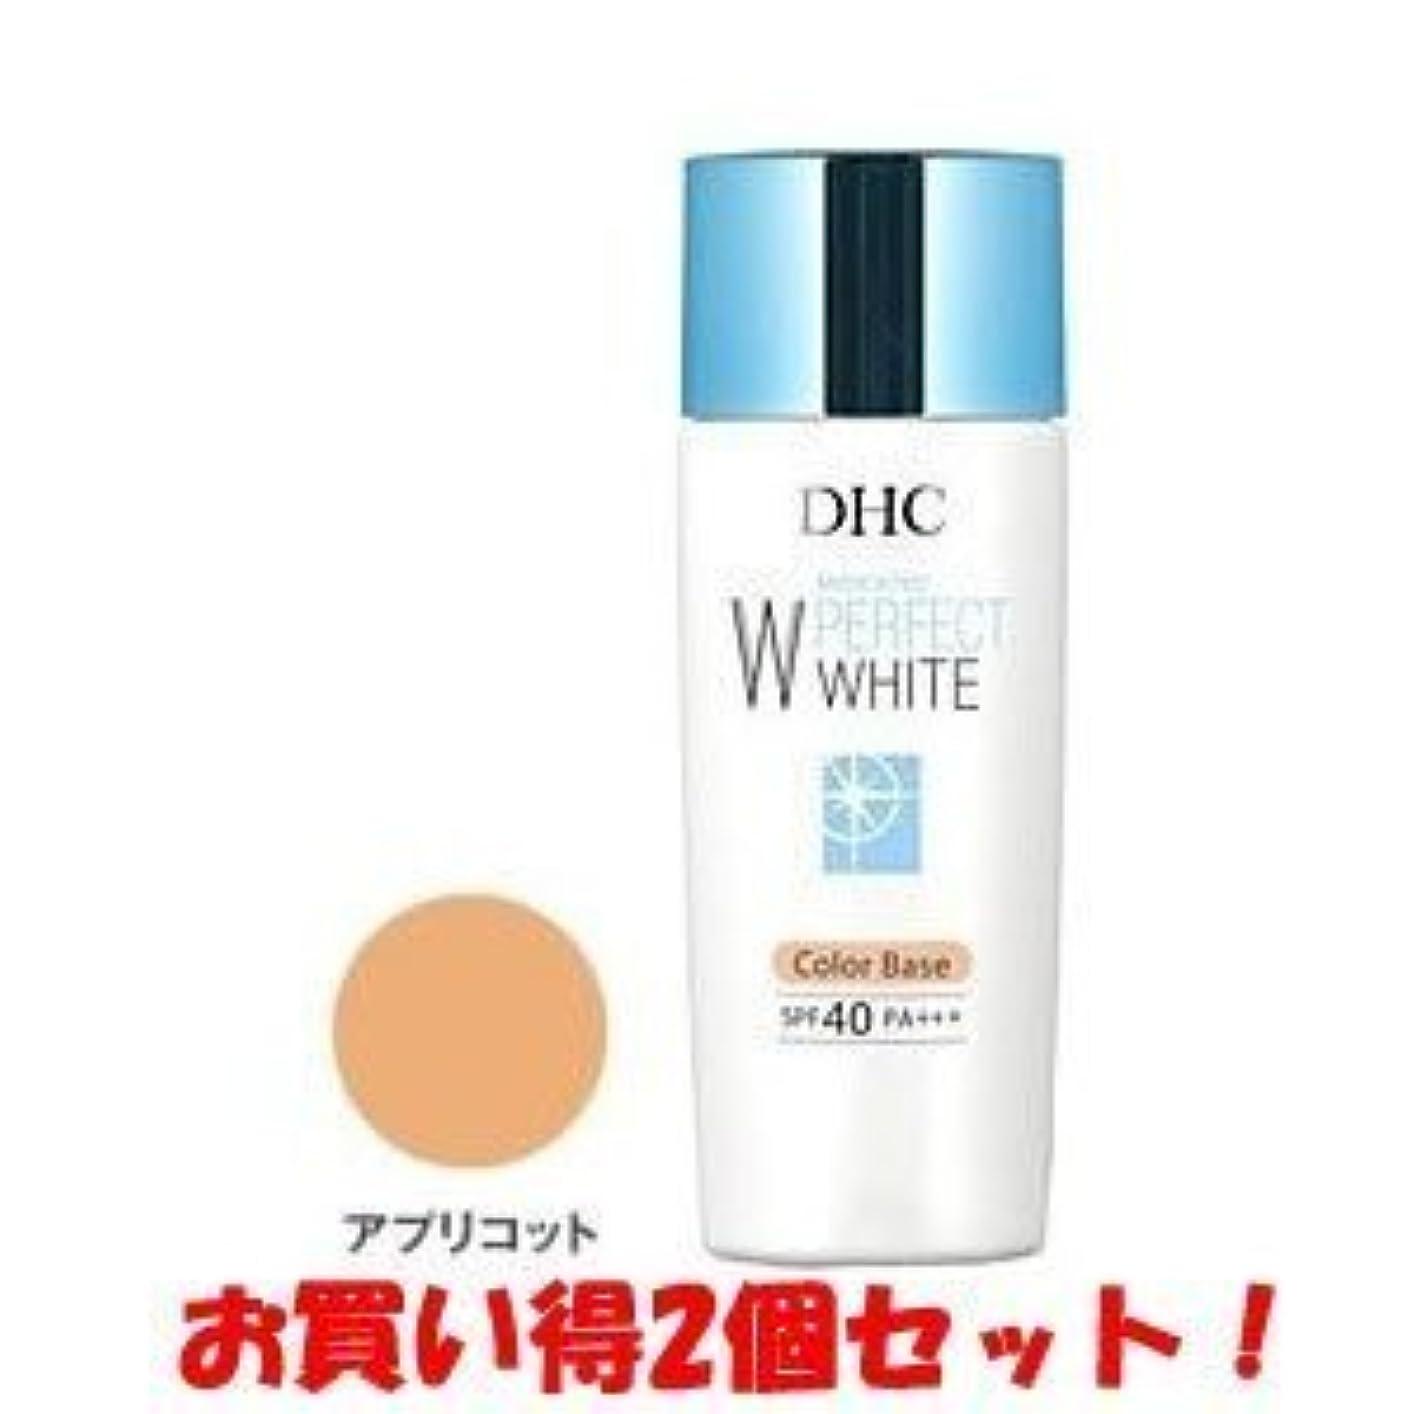 ケープ鮫かわいらしいDHC 薬用パーフェクトホワイト カラーベース アプリコット 30g(医薬部外品)(お買い得2個セット)